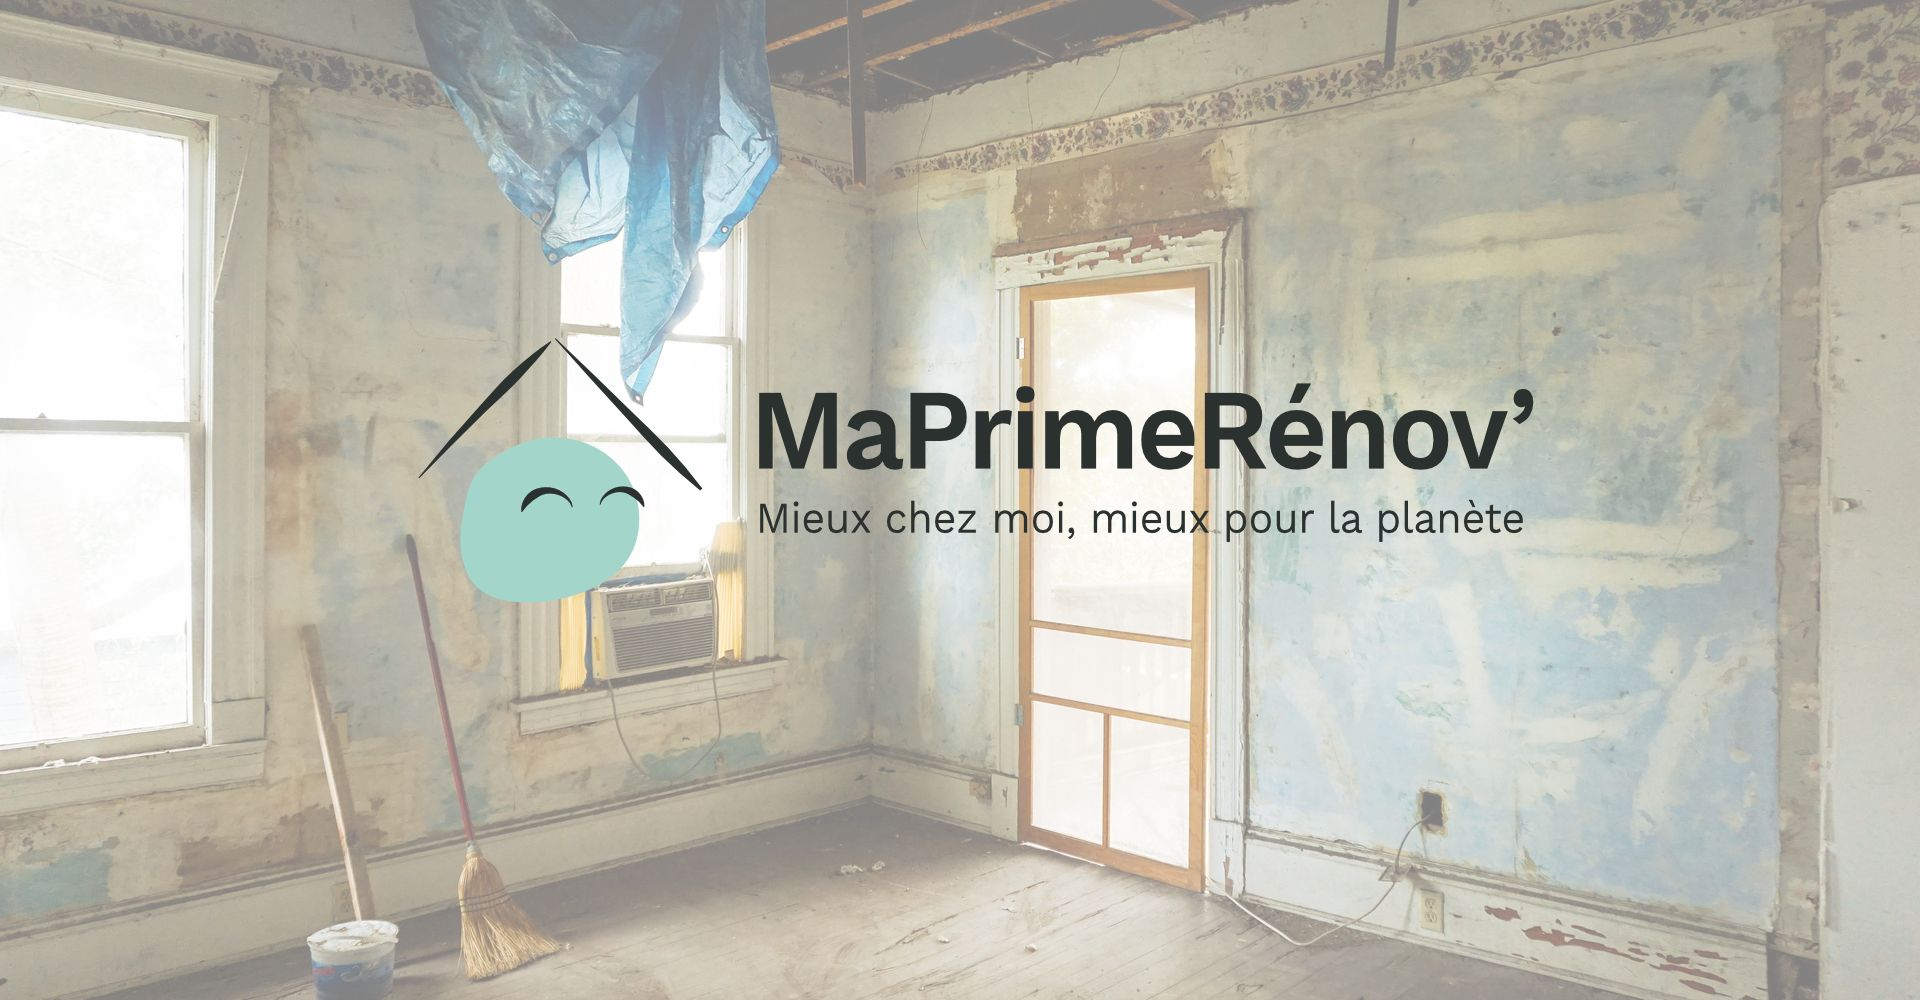 MaPrimeRénov'